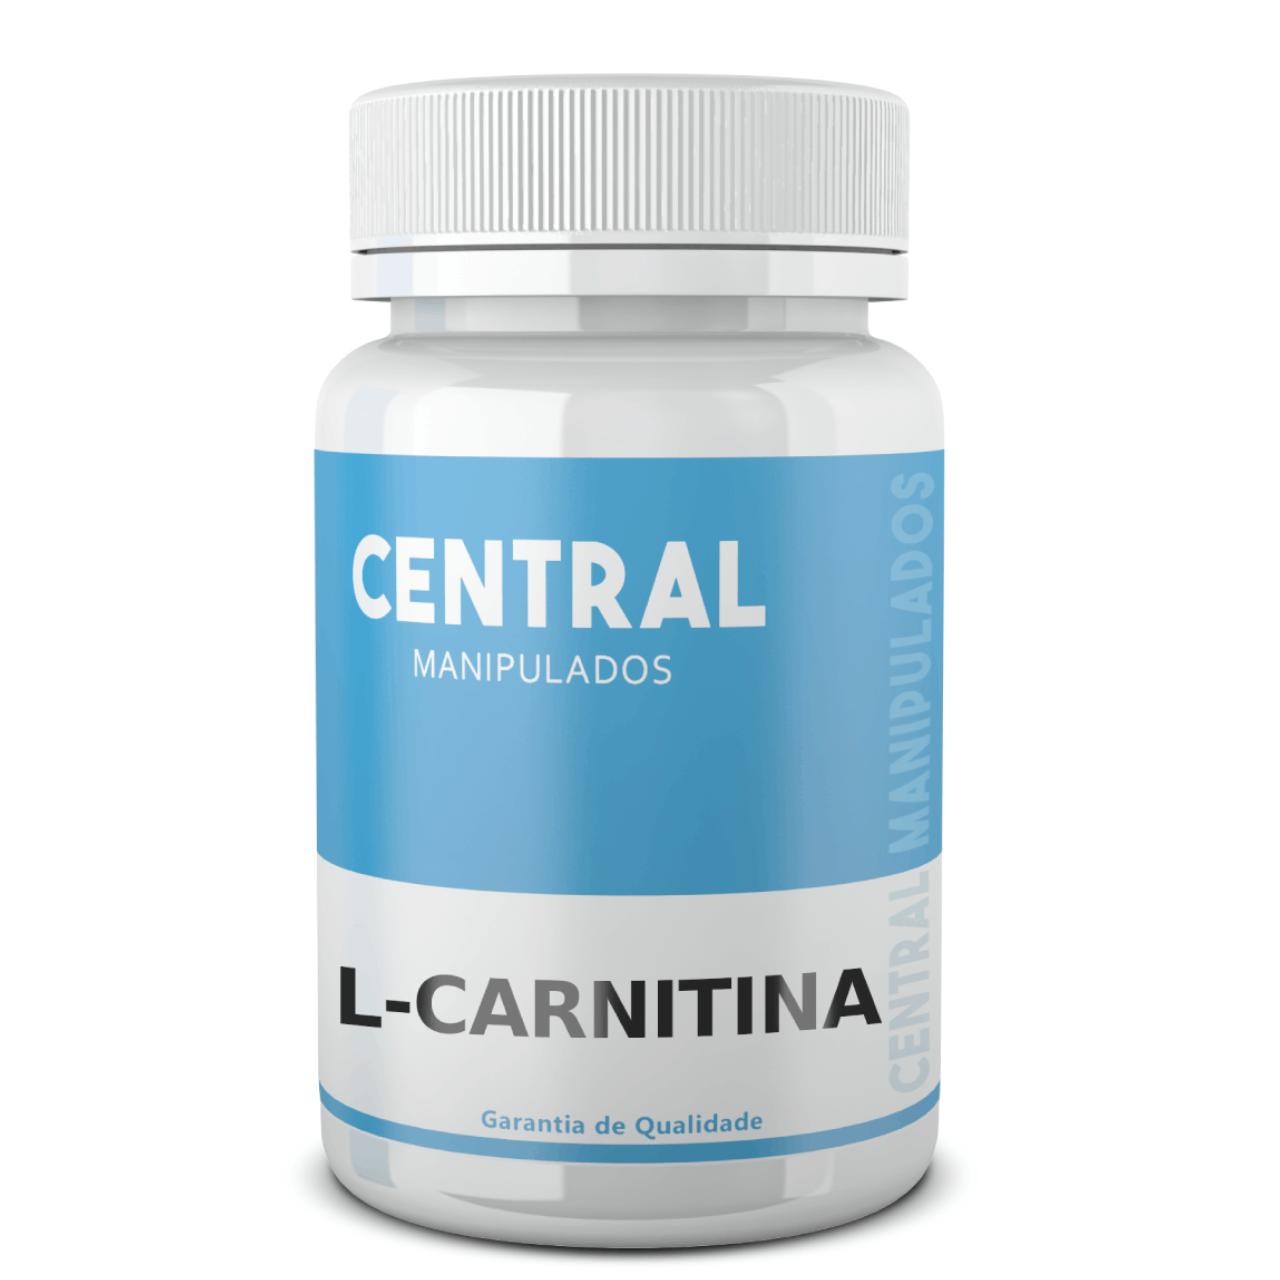 L Carnitina 500mg - 60 cápsulas